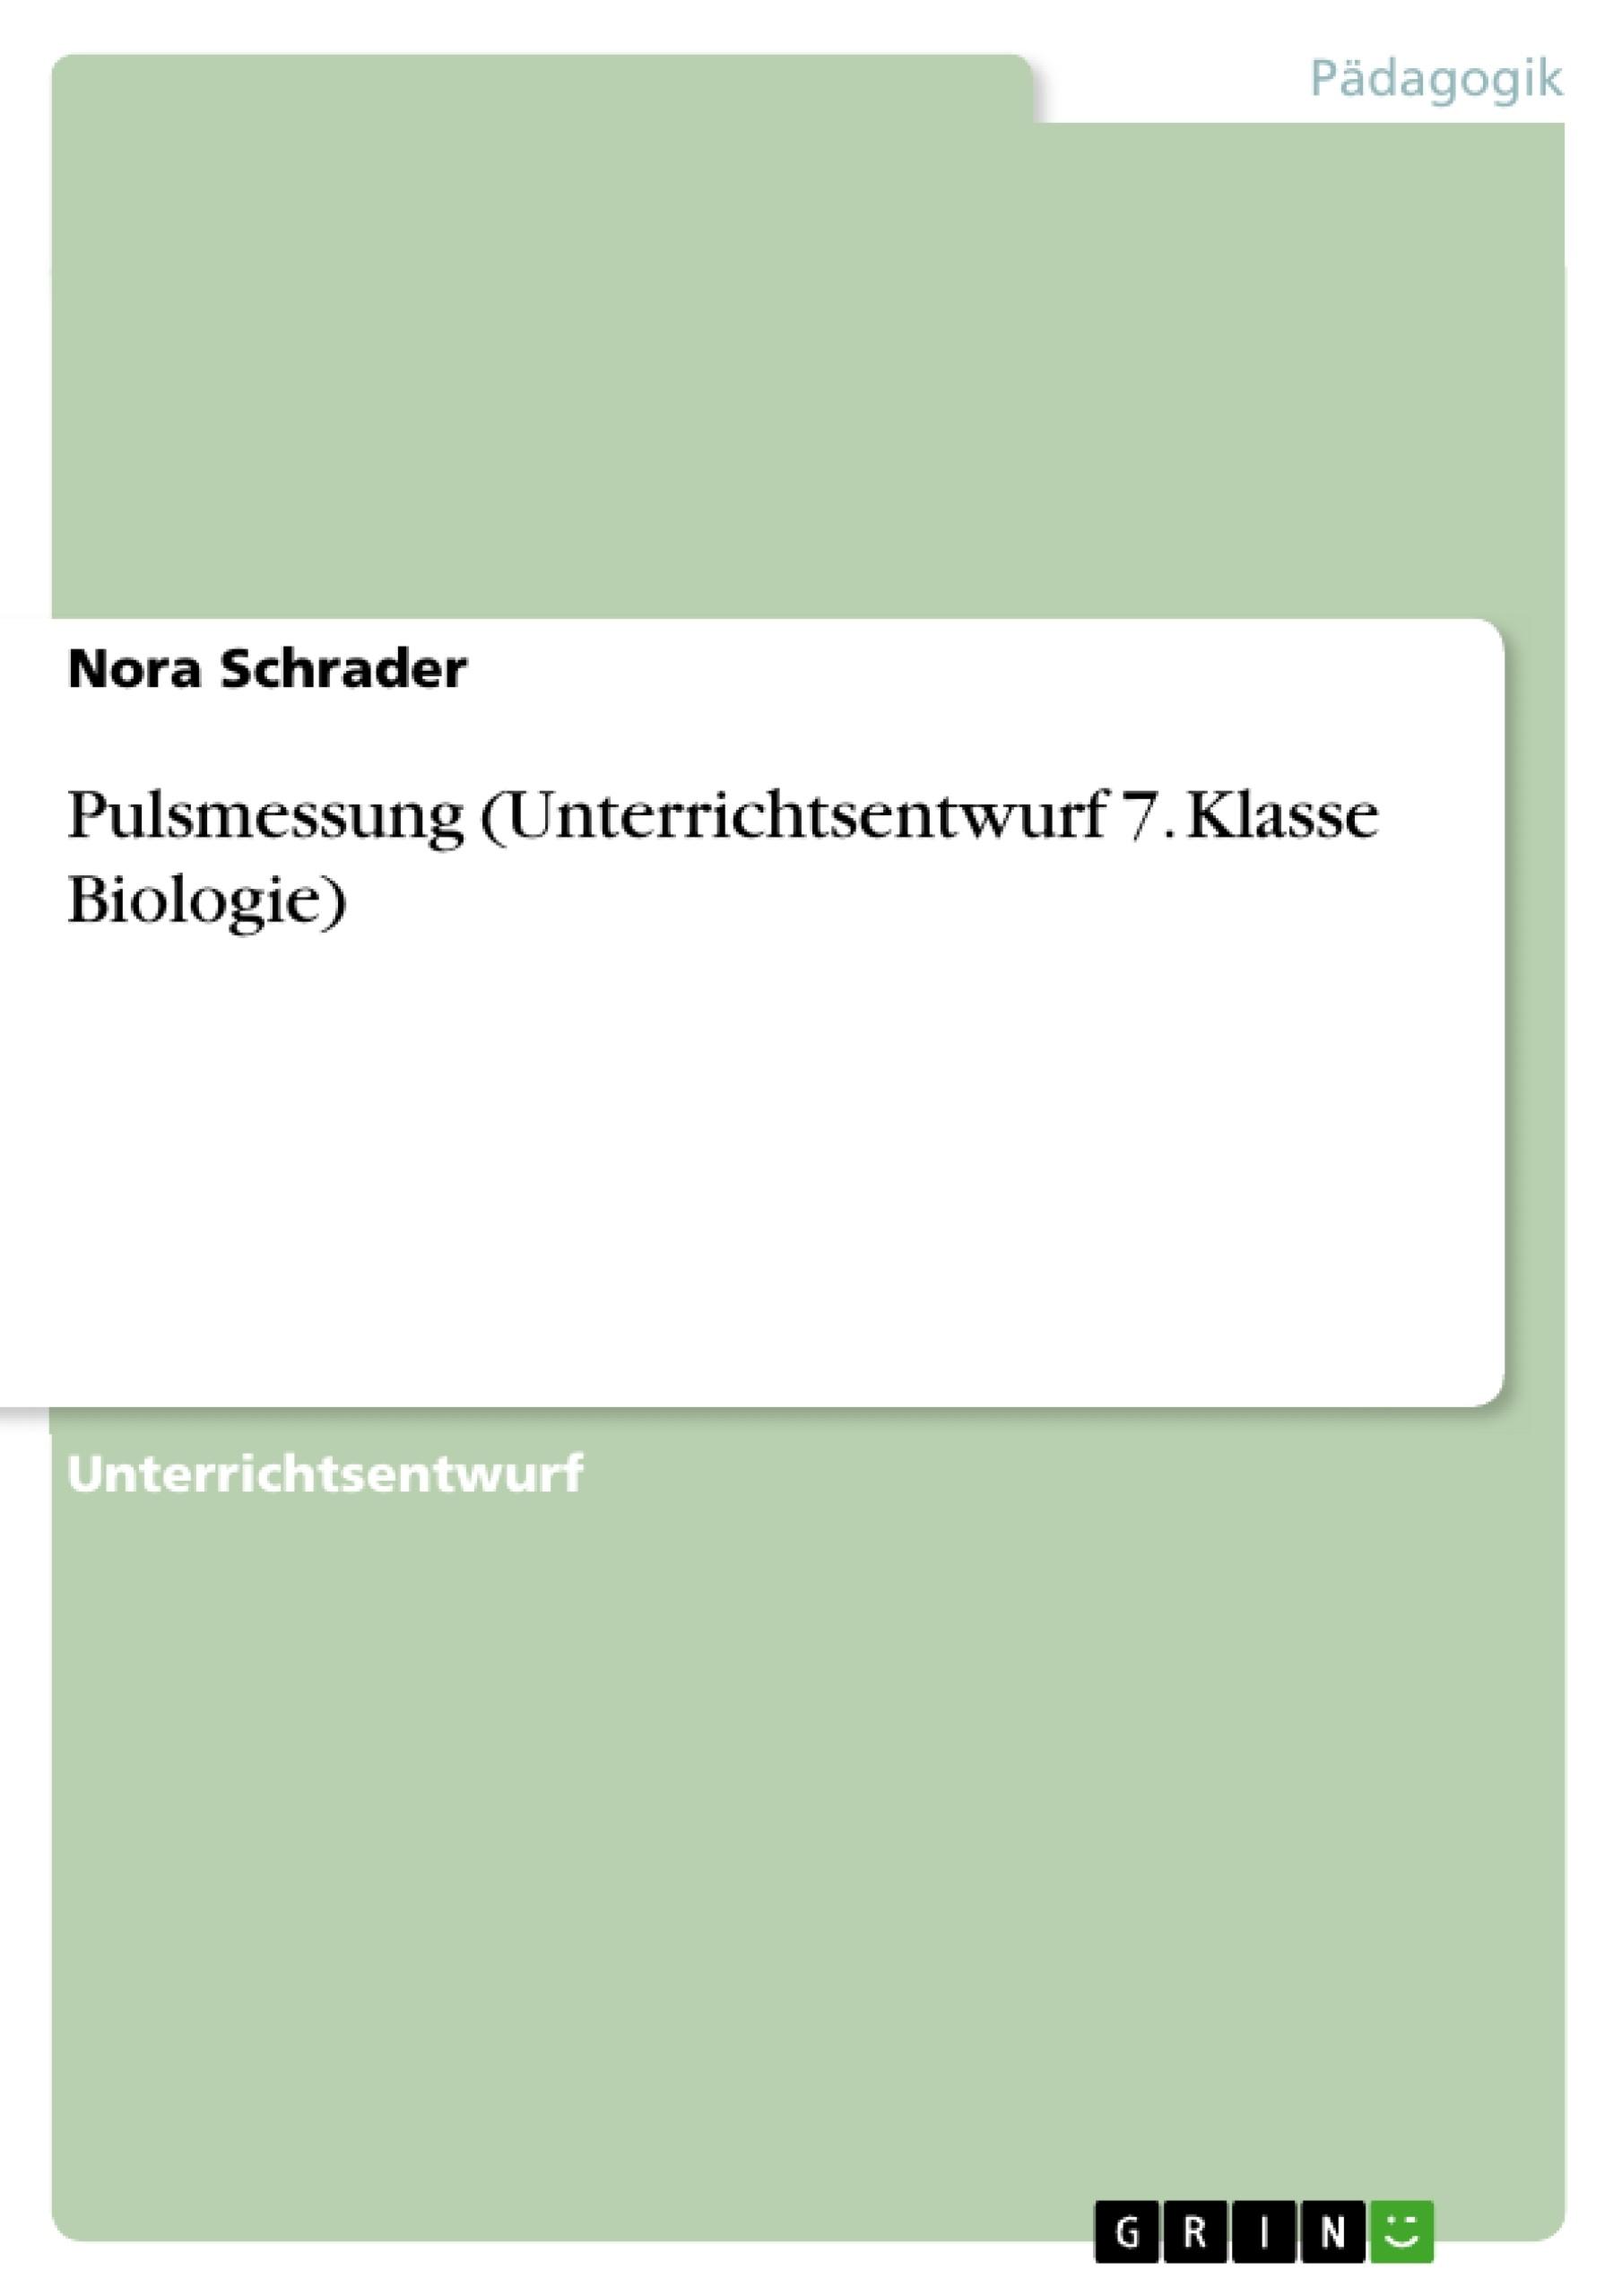 Titel: Pulsmessung (Unterrichtsentwurf 7. Klasse Biologie)